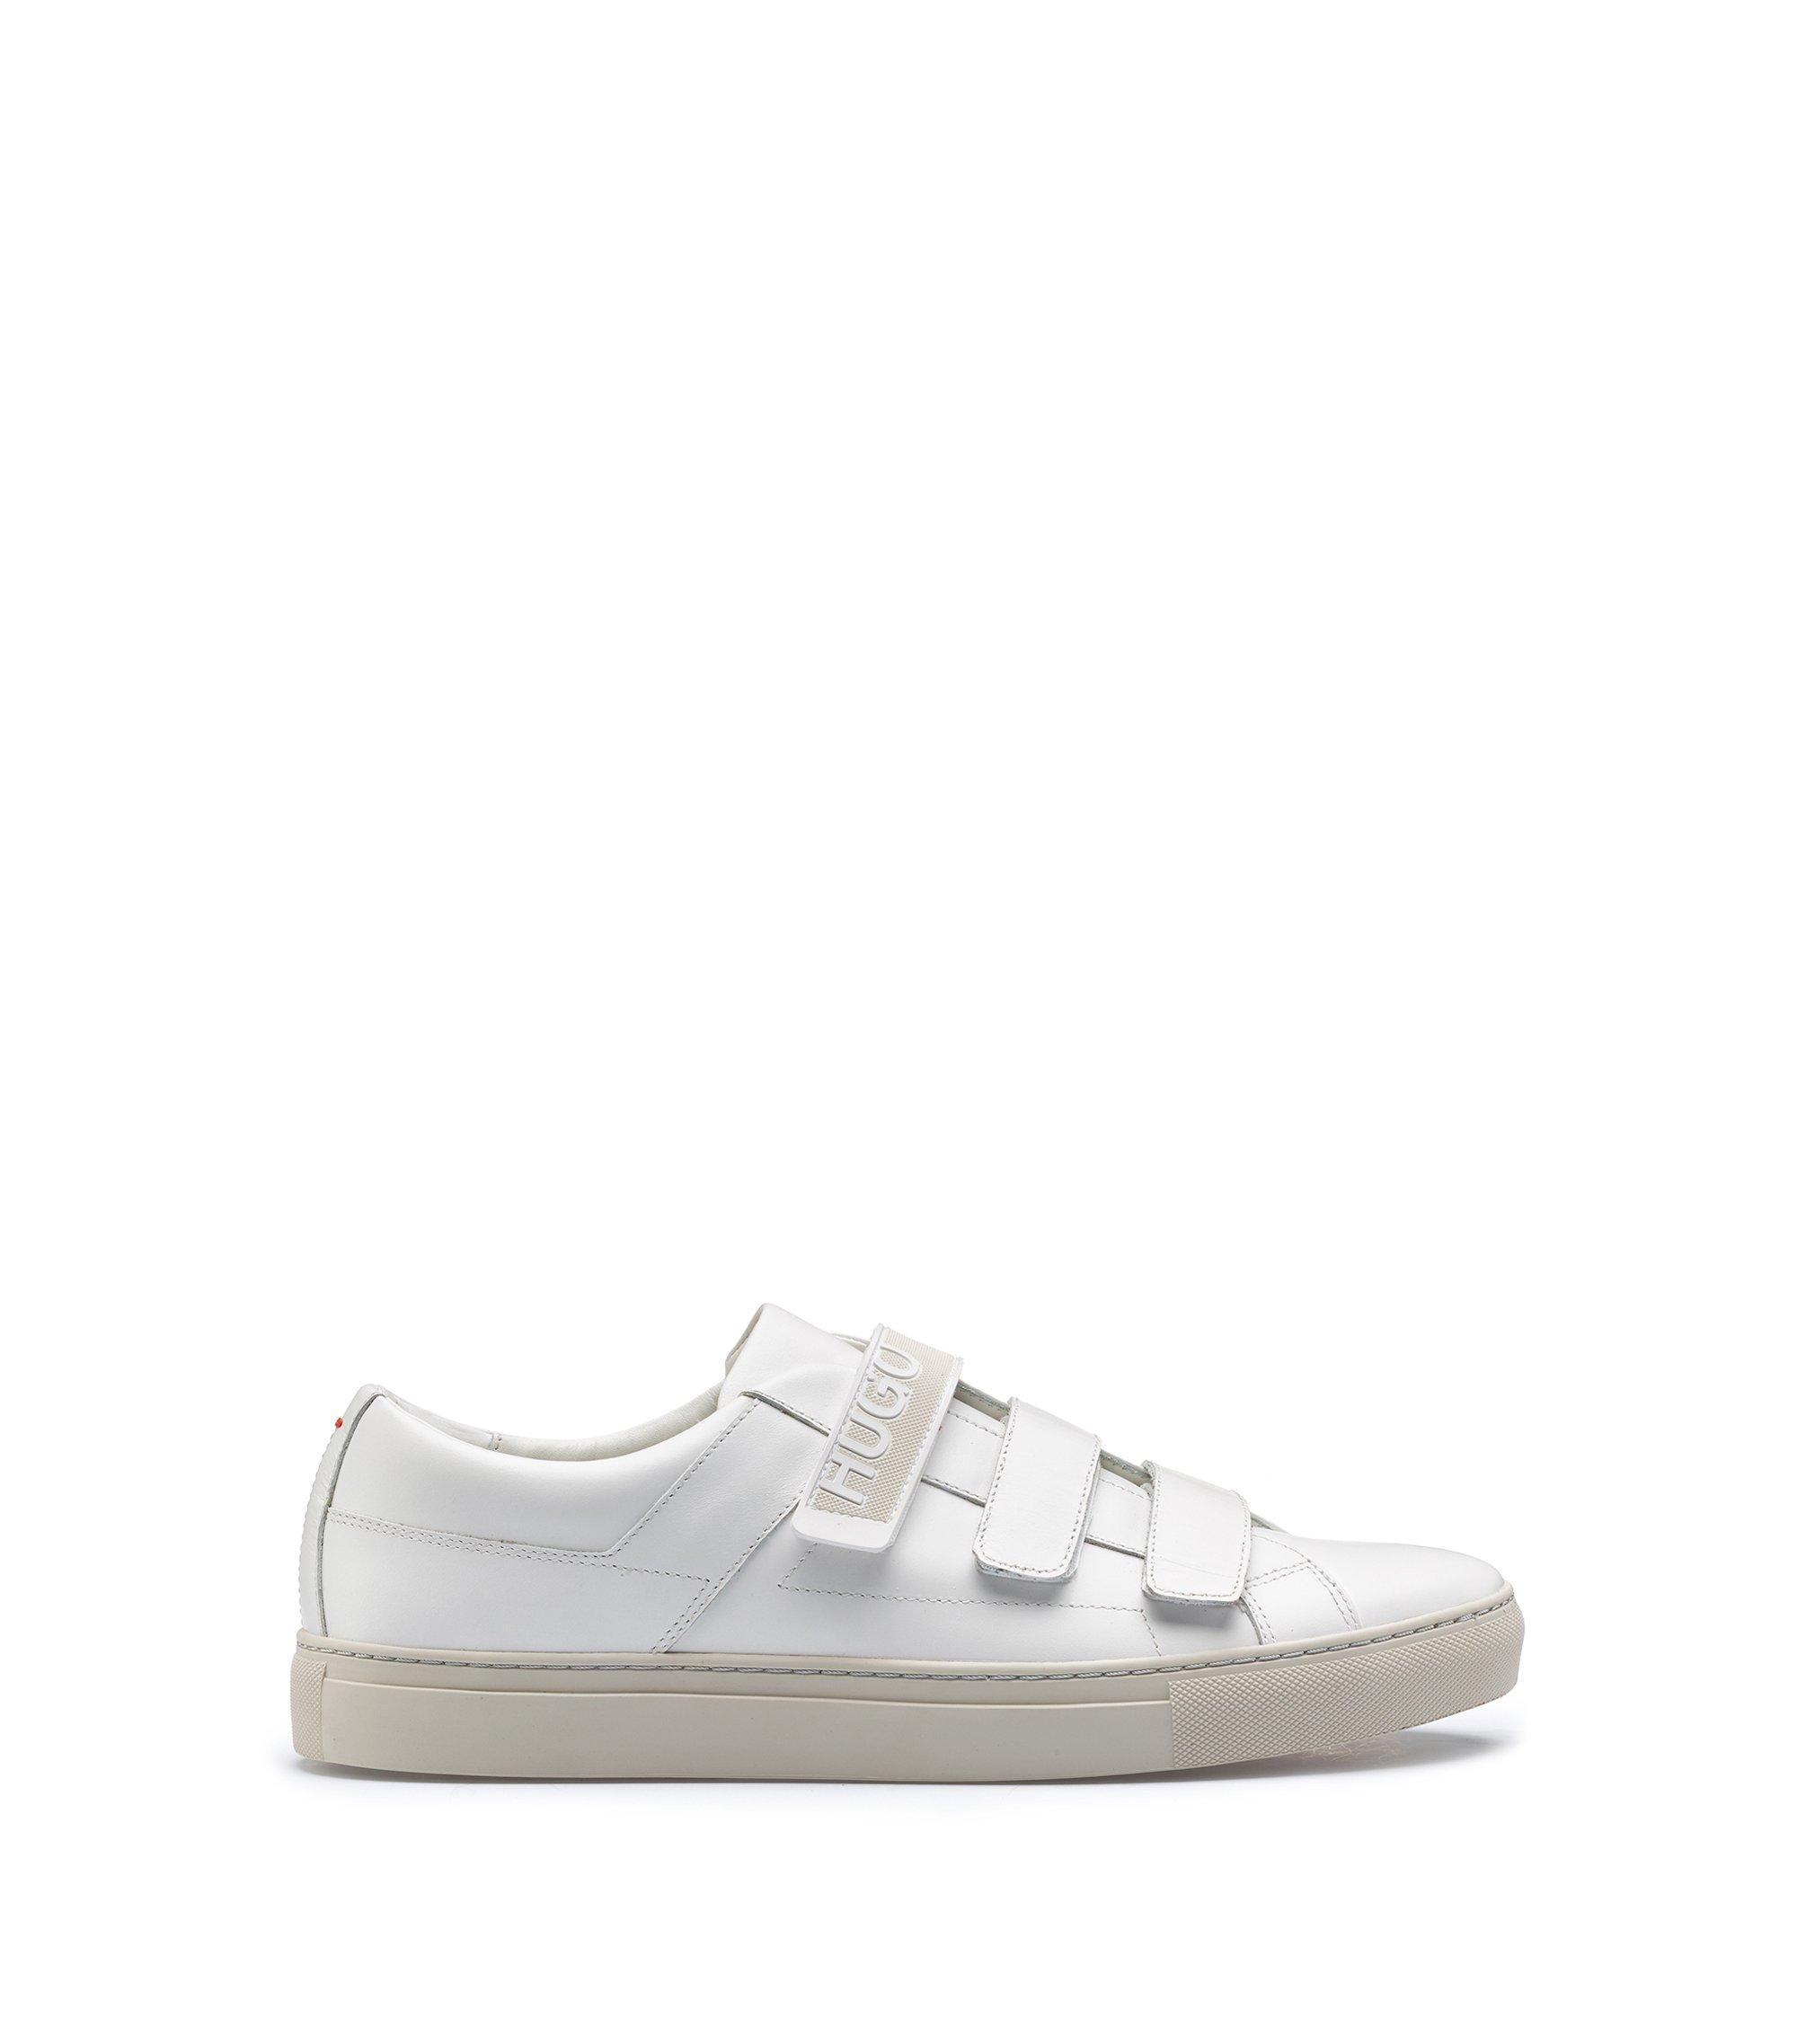 Ledersneakers mit Klettverschlüssen und Logo-Strap, Weiß